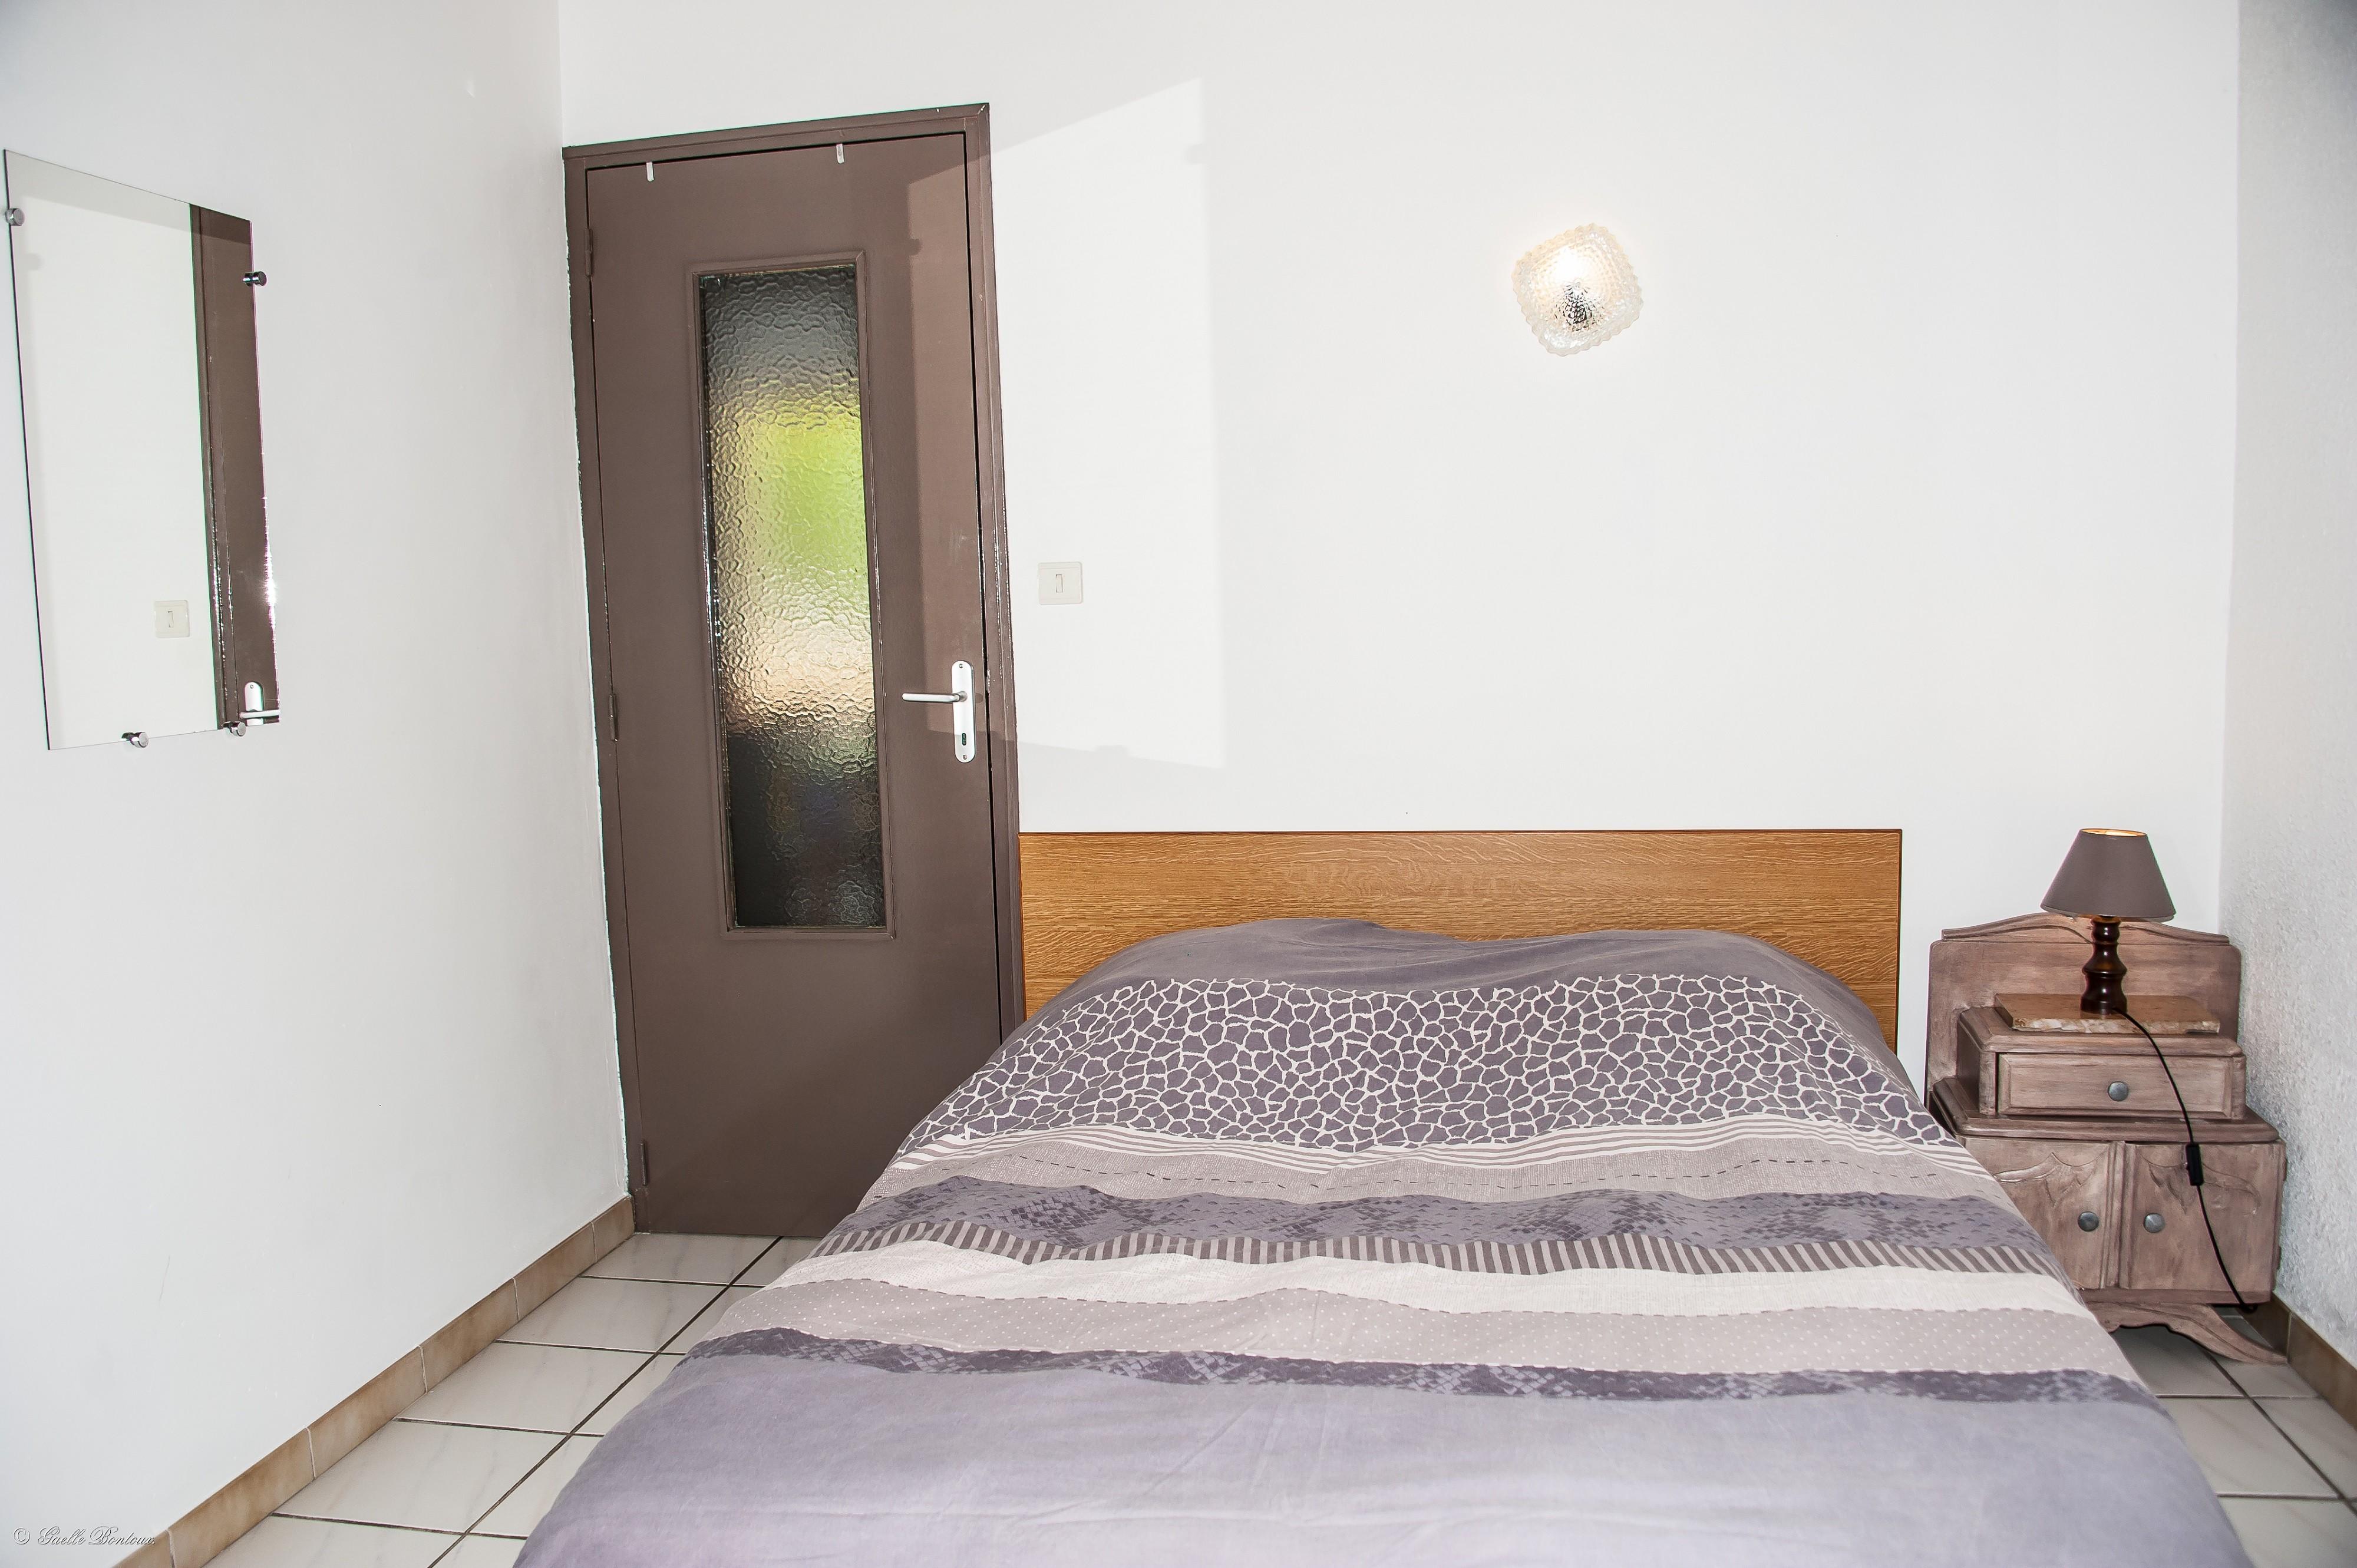 Coté chambre Appart n°8 au 1er étage